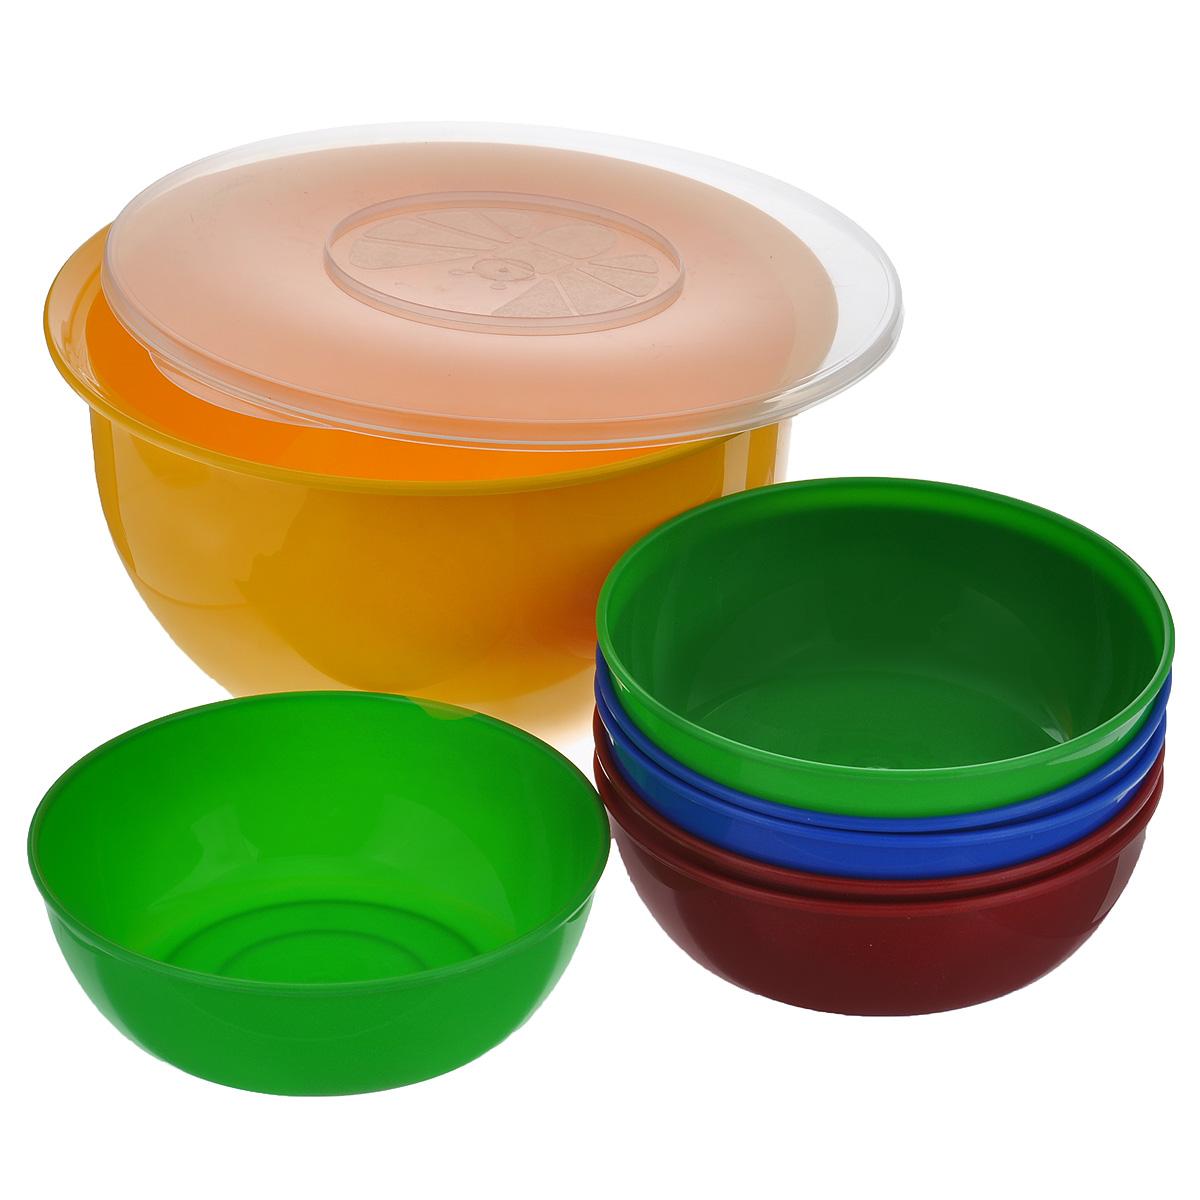 Набор посуды Solaris, 7 предметов. S1606